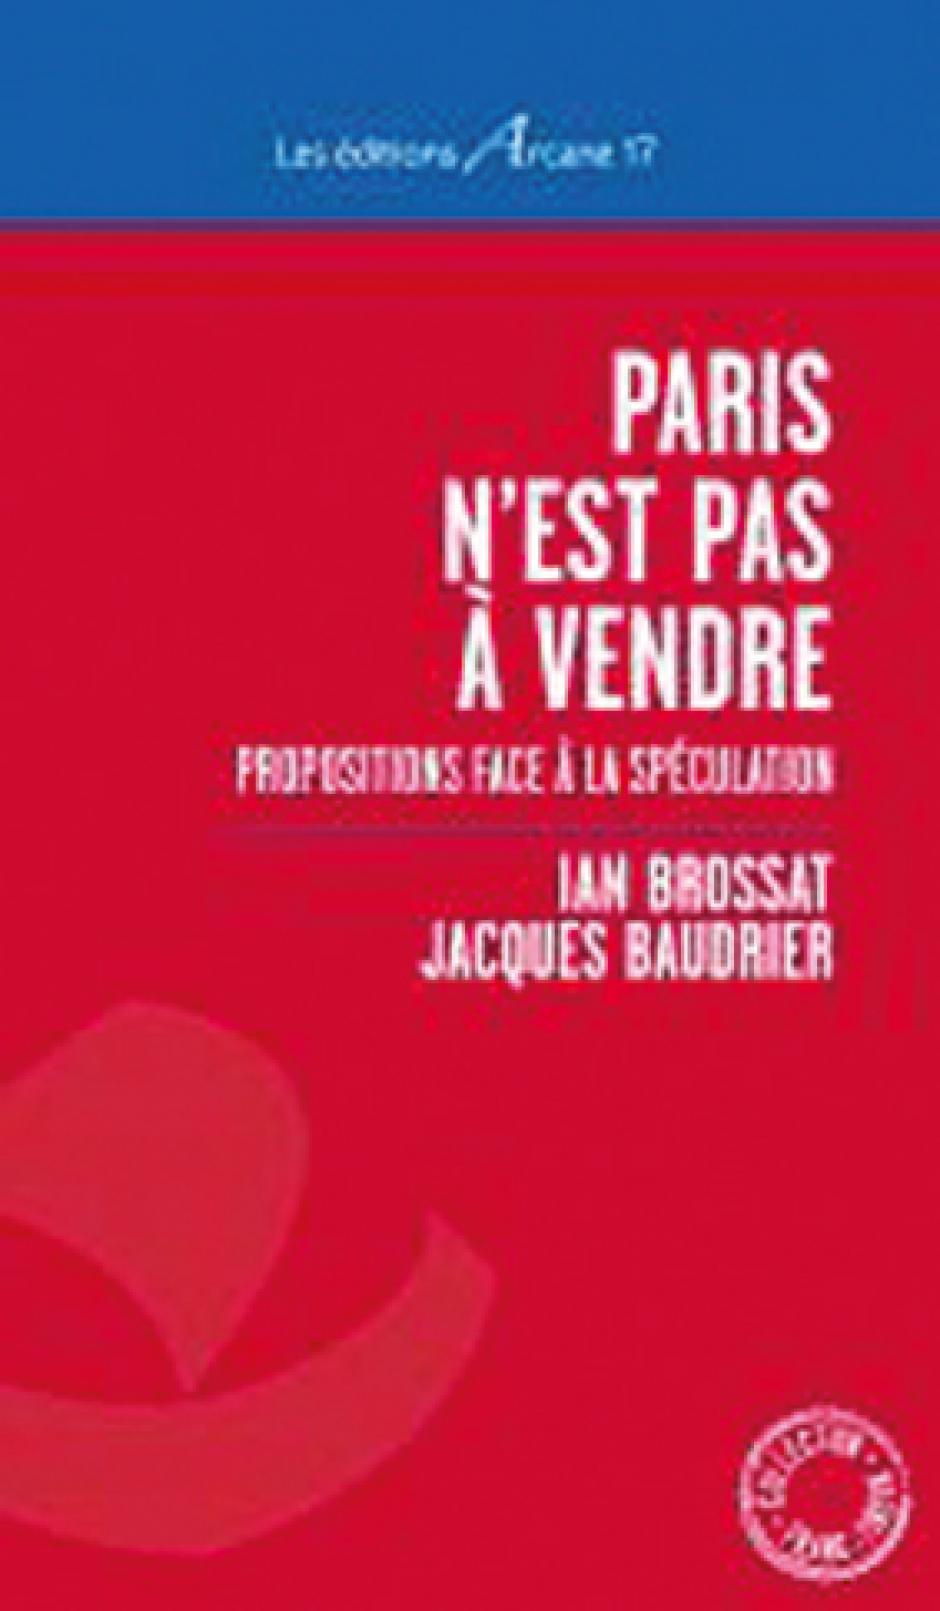 « Paris n'est pas à vendre», comment lutter contre la crise du logement à Paris ? Jacques Baudrier